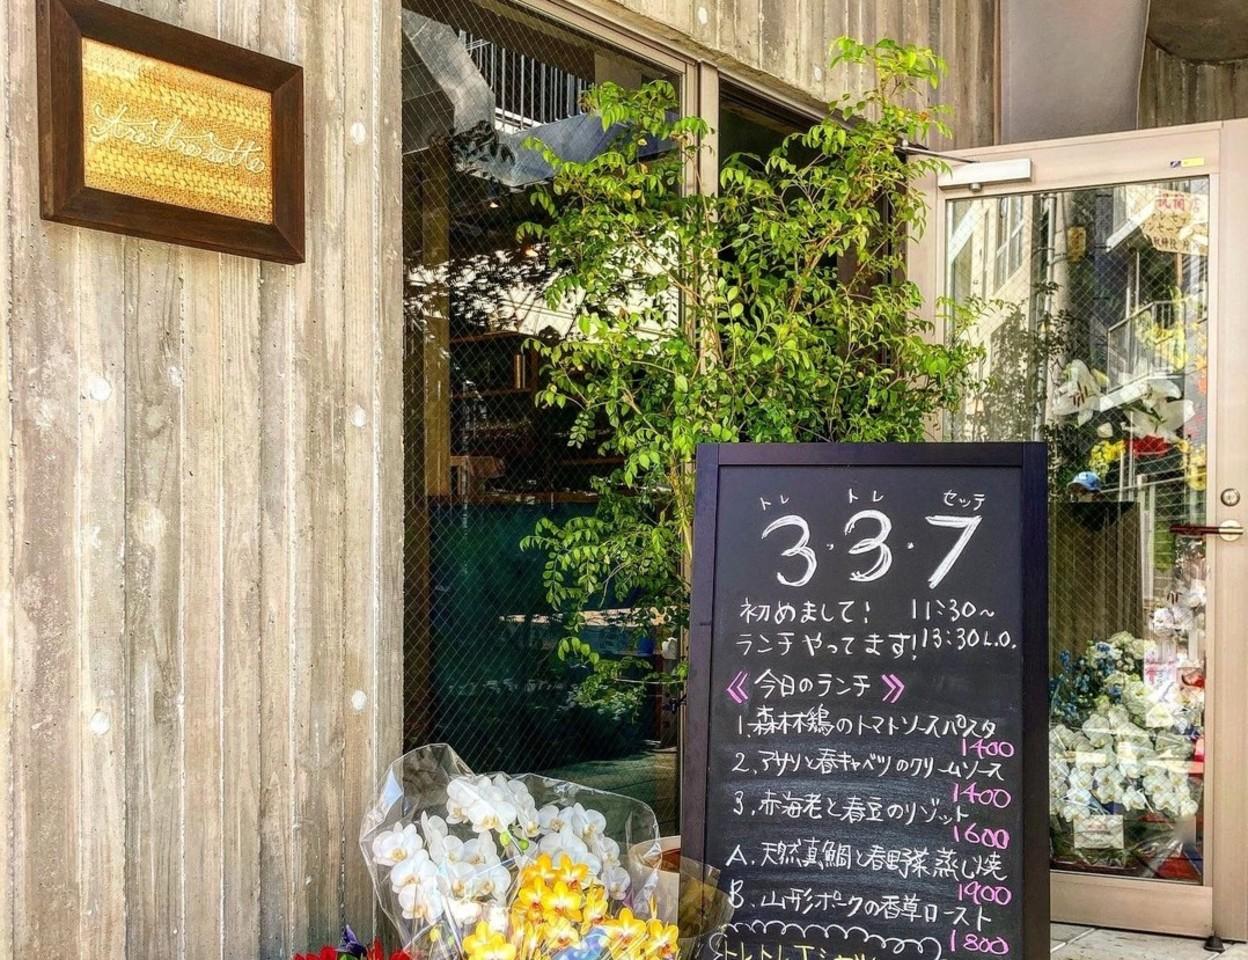 祝!4/24open『トレトレセッテ』美味しいもの屋(神奈川県川崎市高津区)